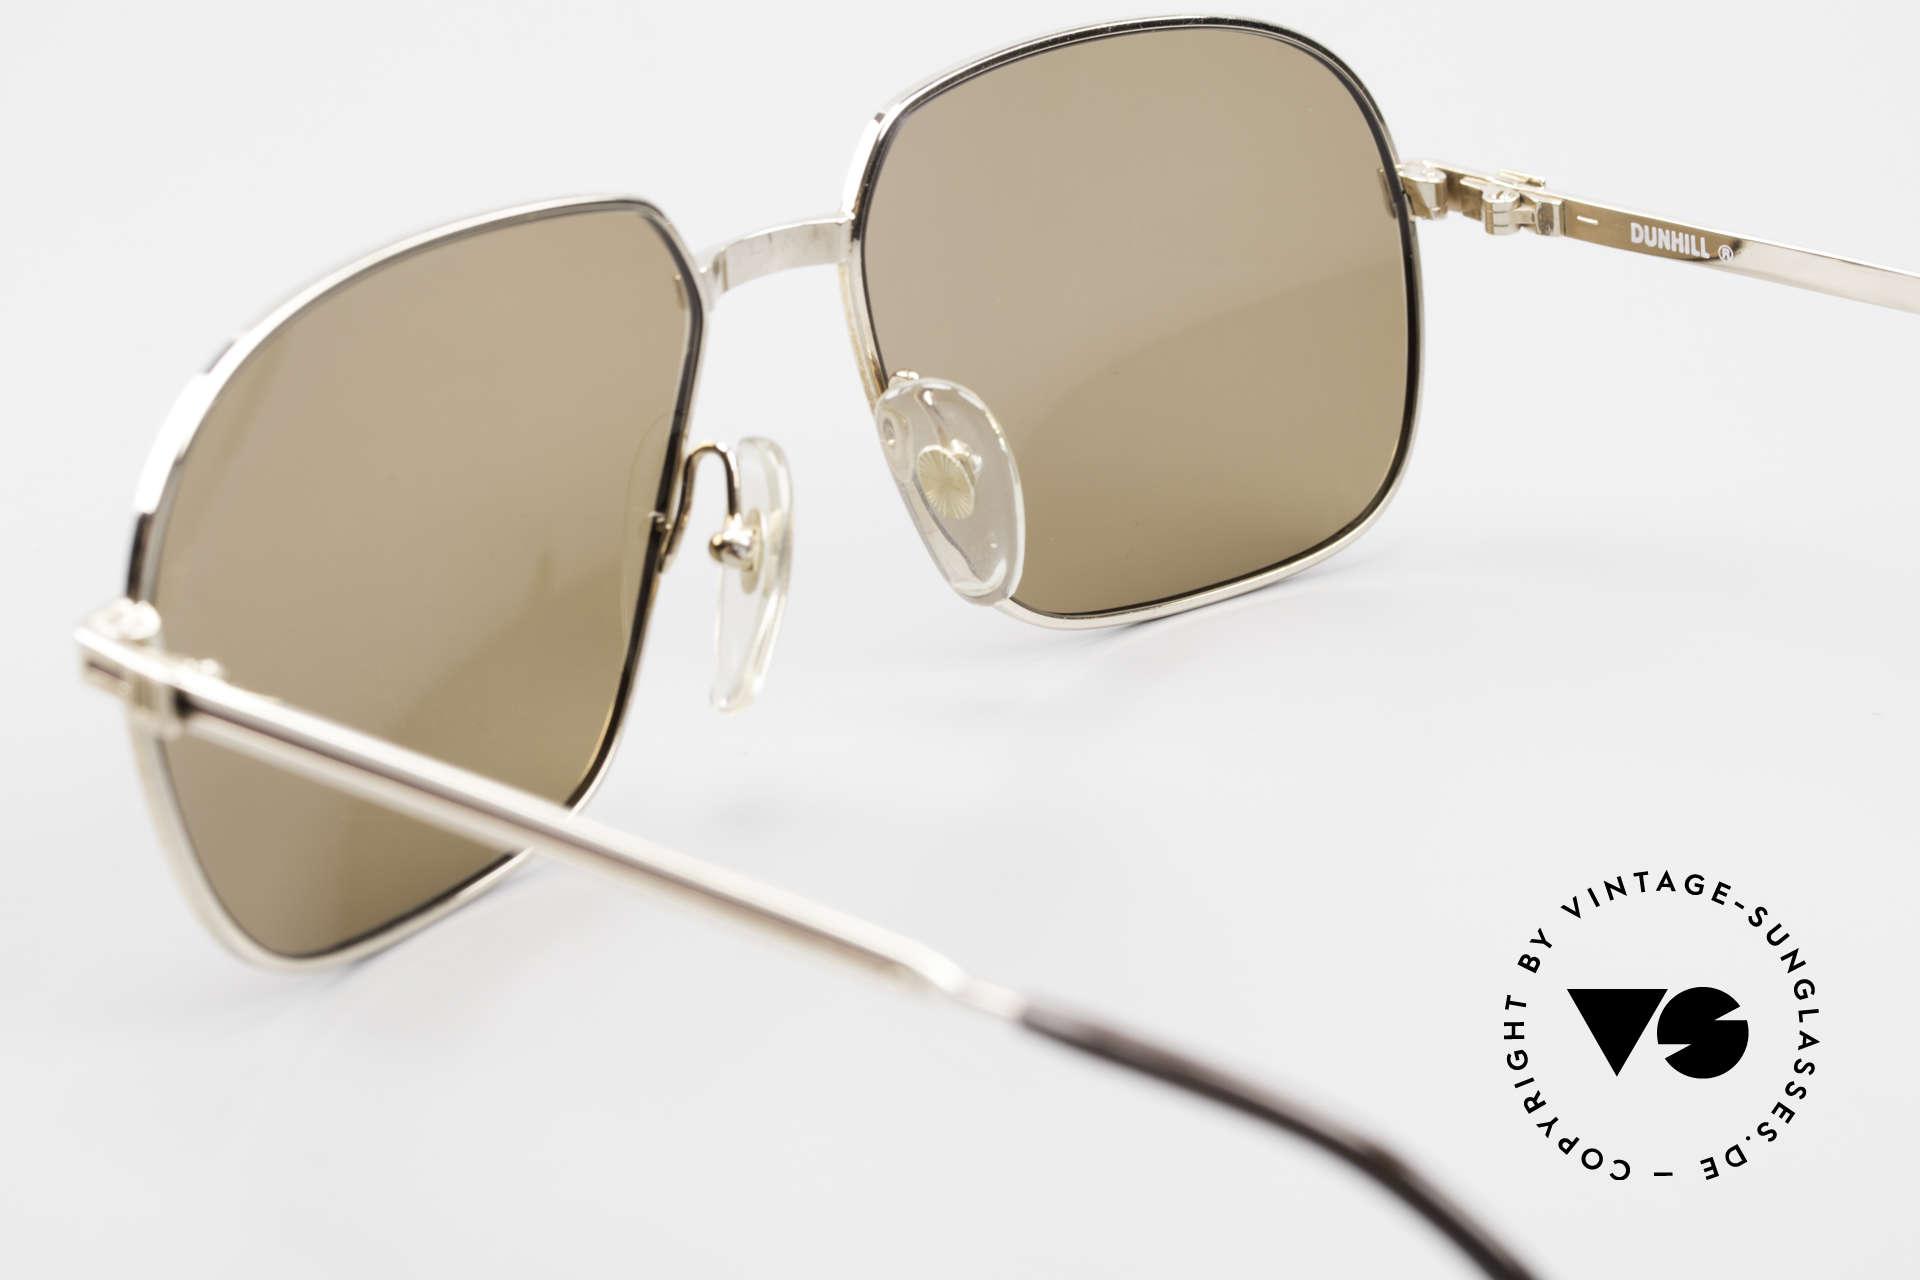 Dunhill 6123 Vergoldete Gentleman Brille, Sonnengläser können durch optische getauscht werden, Passend für Herren